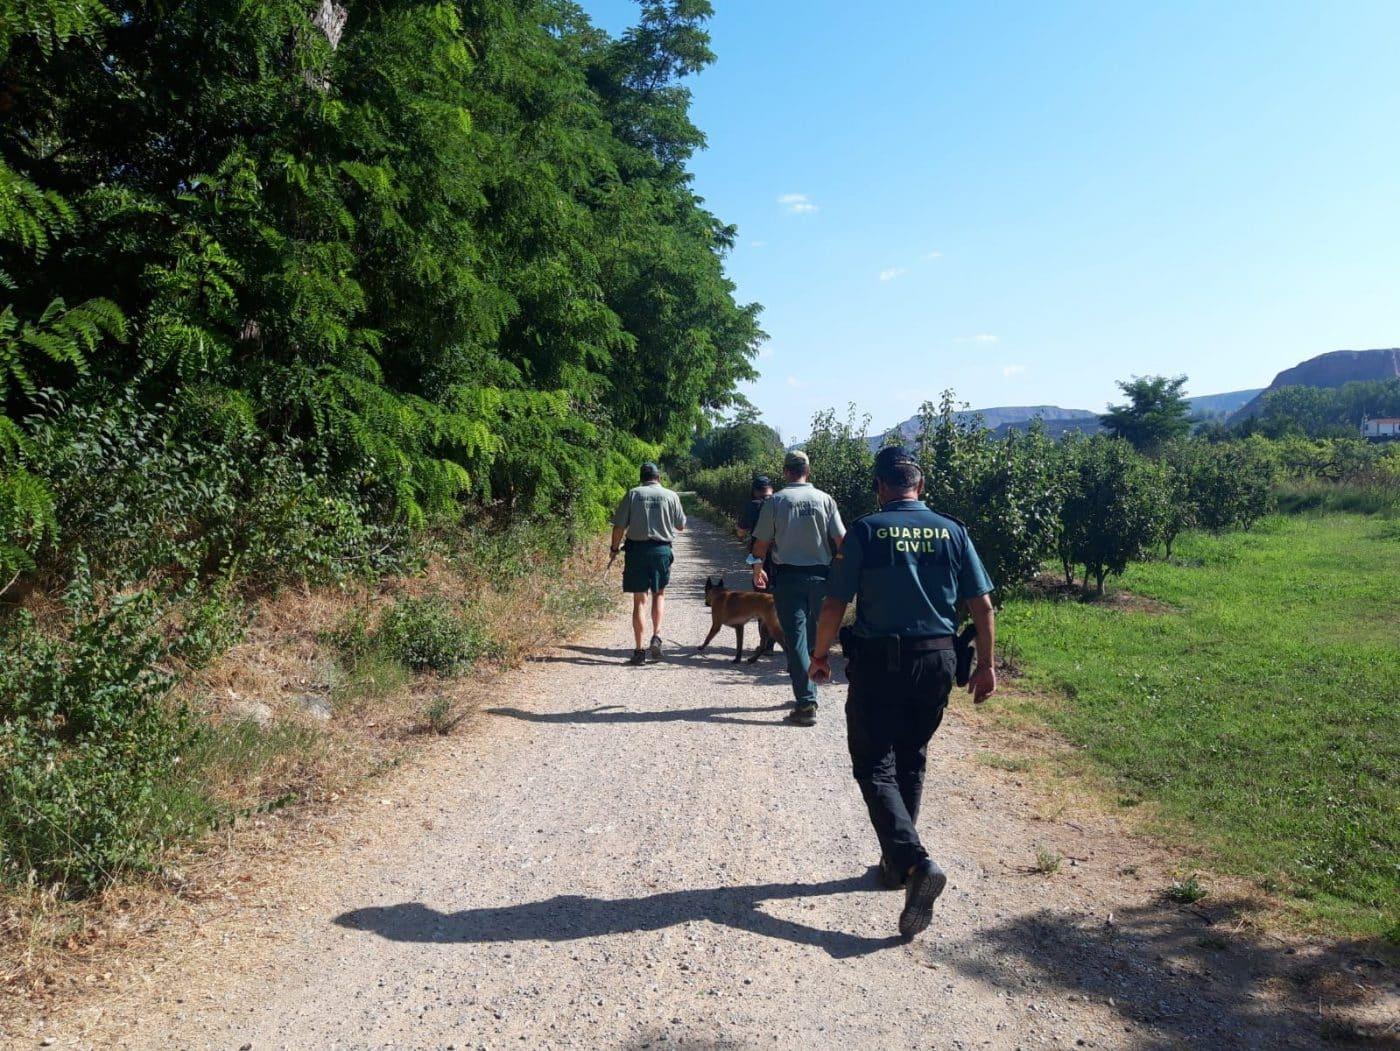 La Guardia Civil continúa con la búsqueda del joven desaparecido en Entrena 4